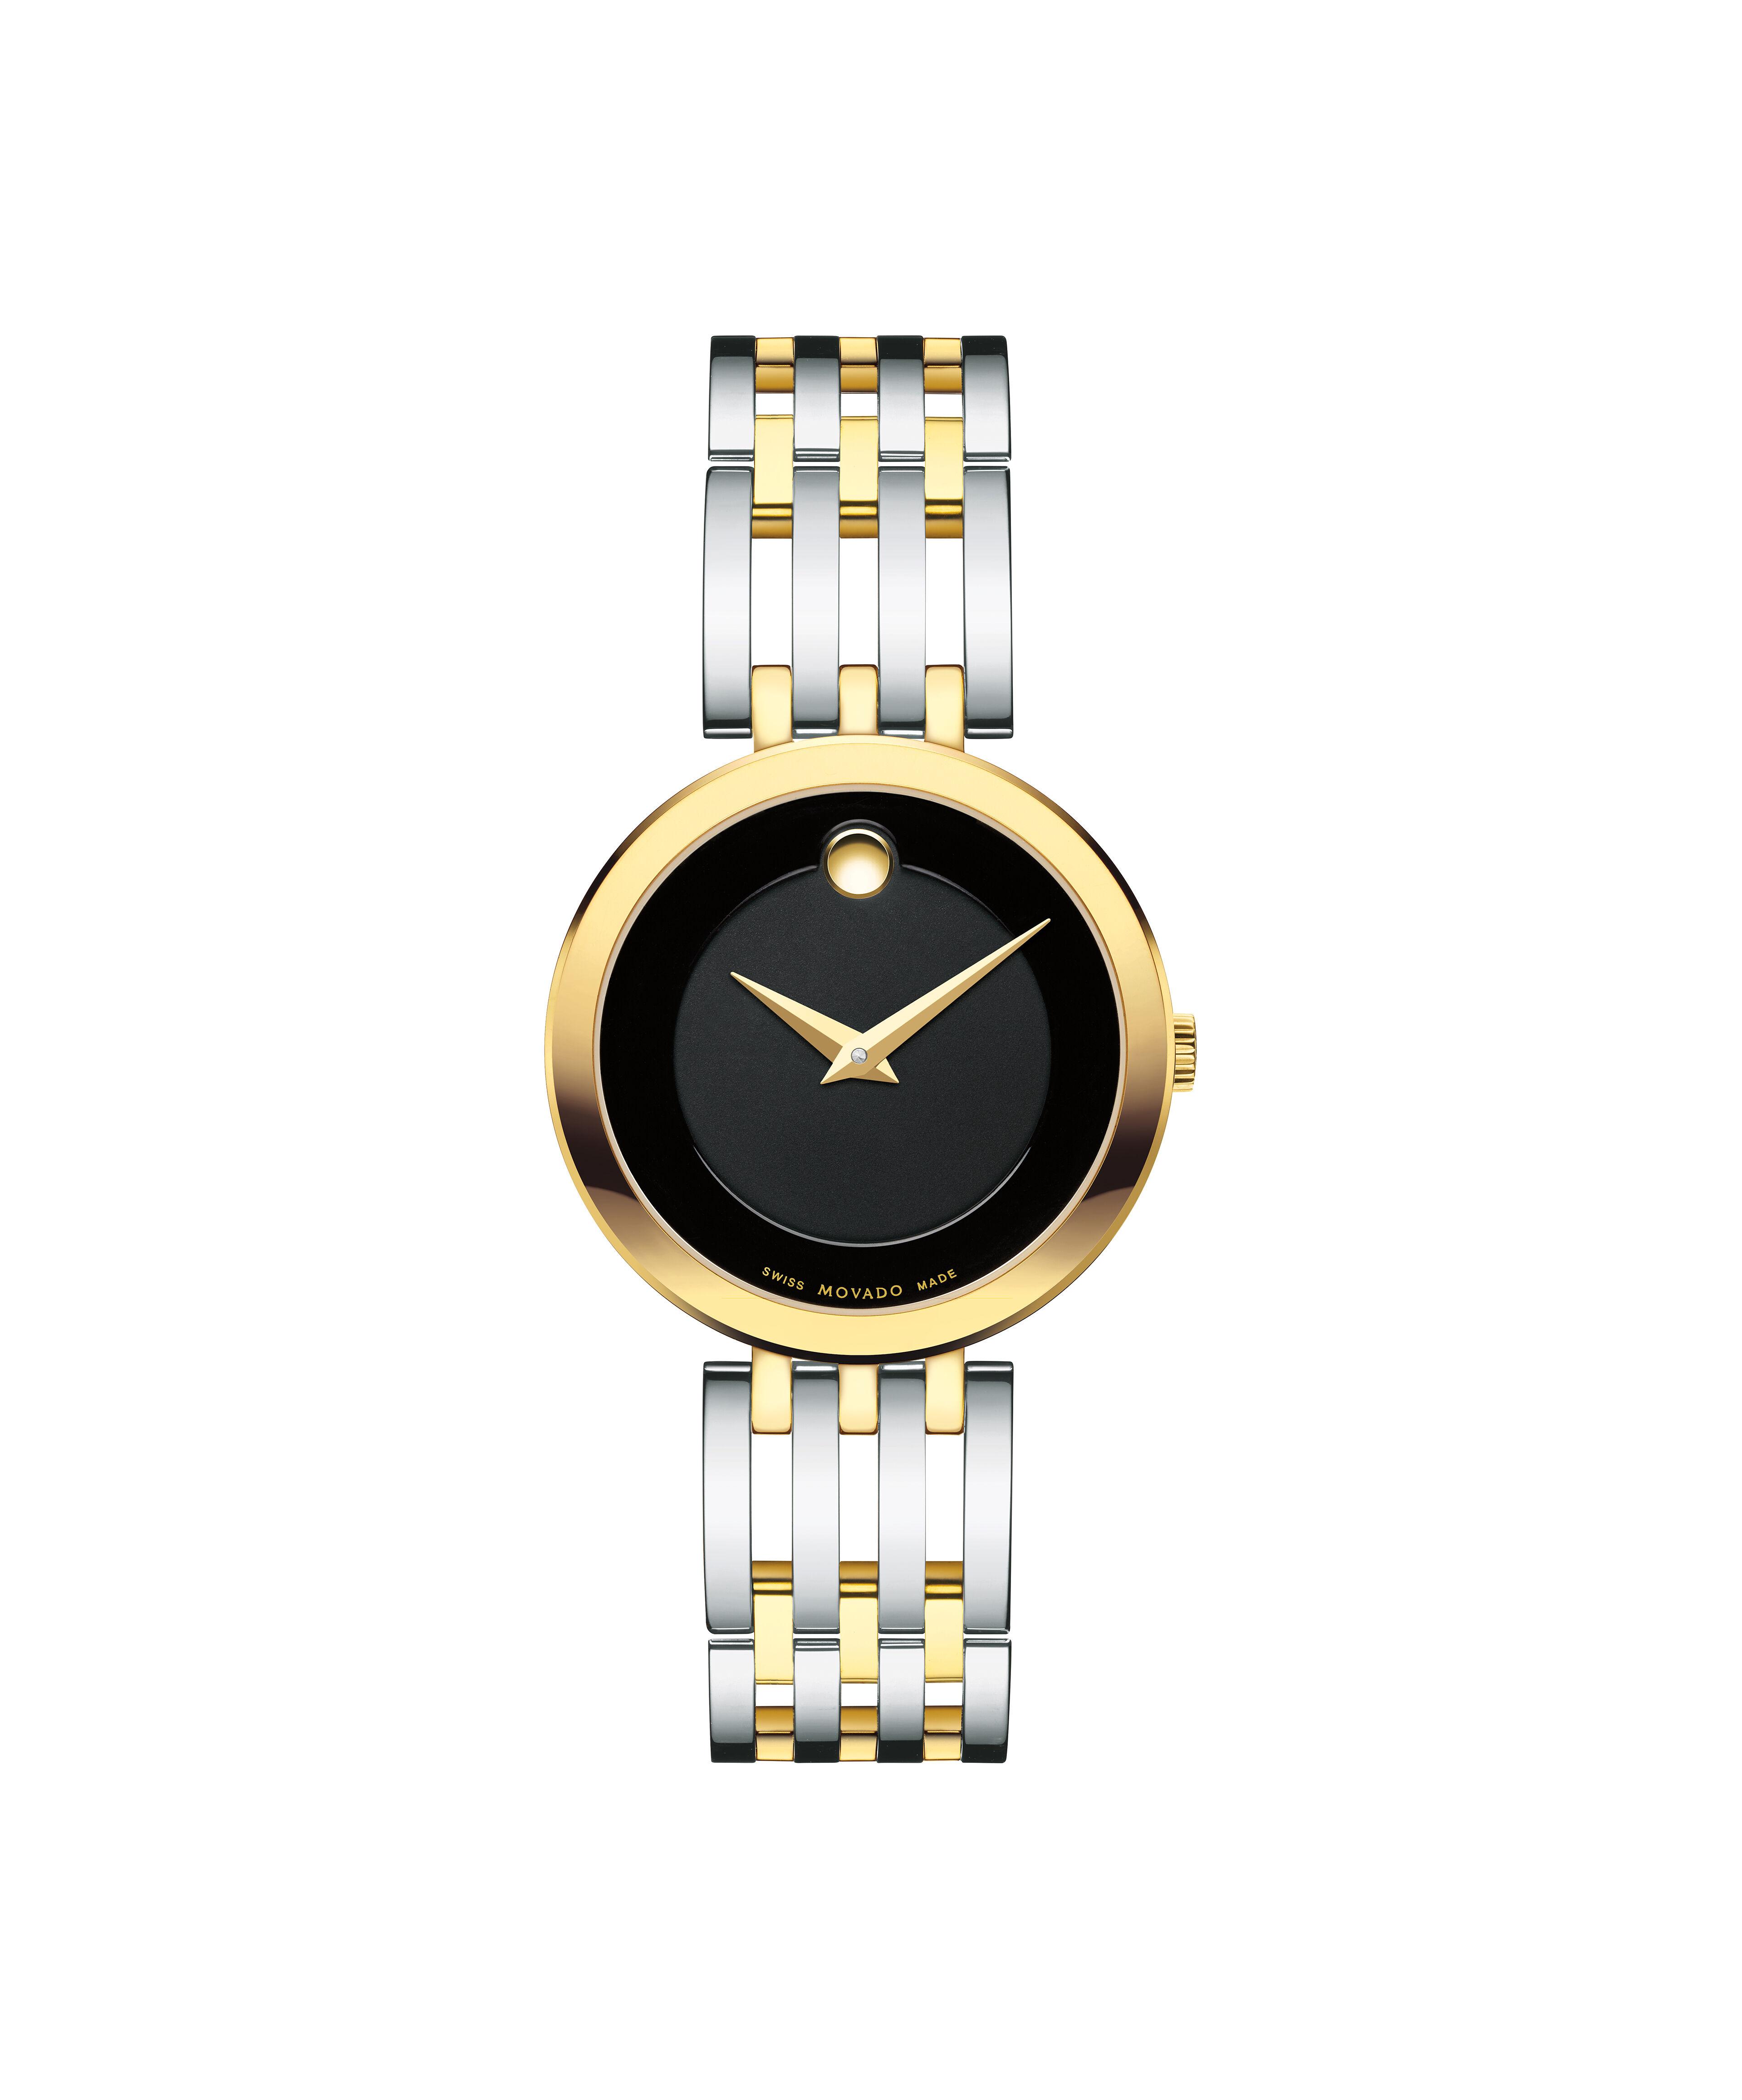 Watch Rolex Replica Models